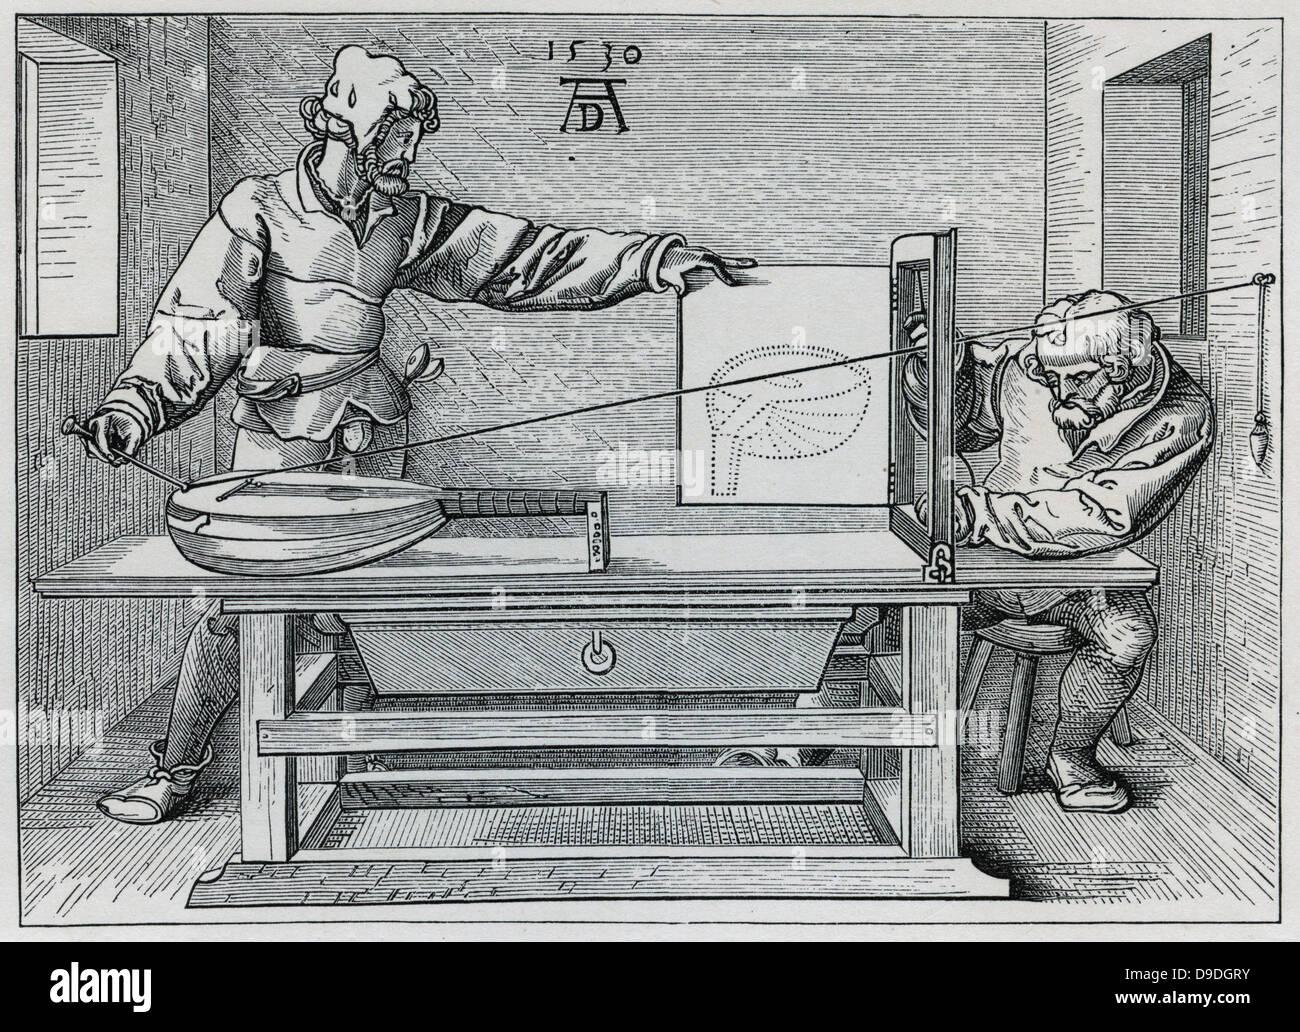 Verwenden einen Rahmen um eine laute in wahre Perspektive zeichnen. Nach 1535 print von Albrecht Dürer. Stockbild